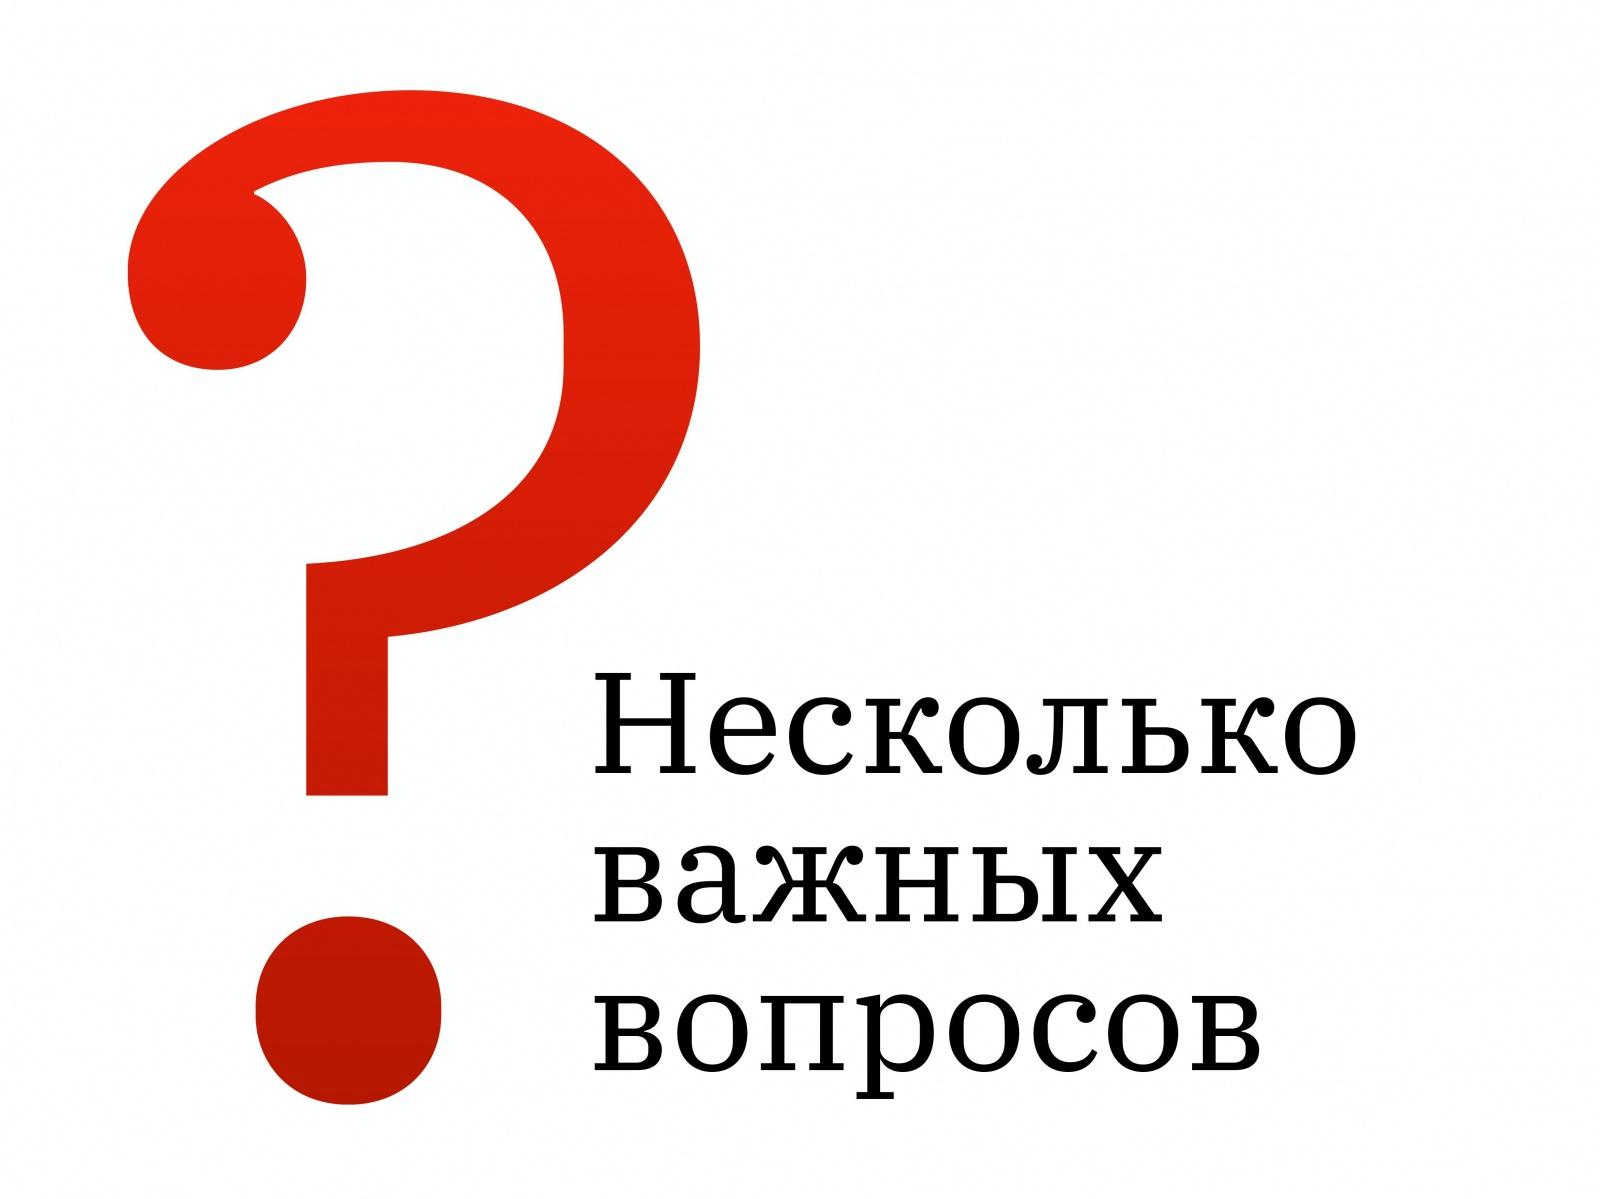 Алексей Каптерев: Критическое мышление 101 (часть 2) - 70